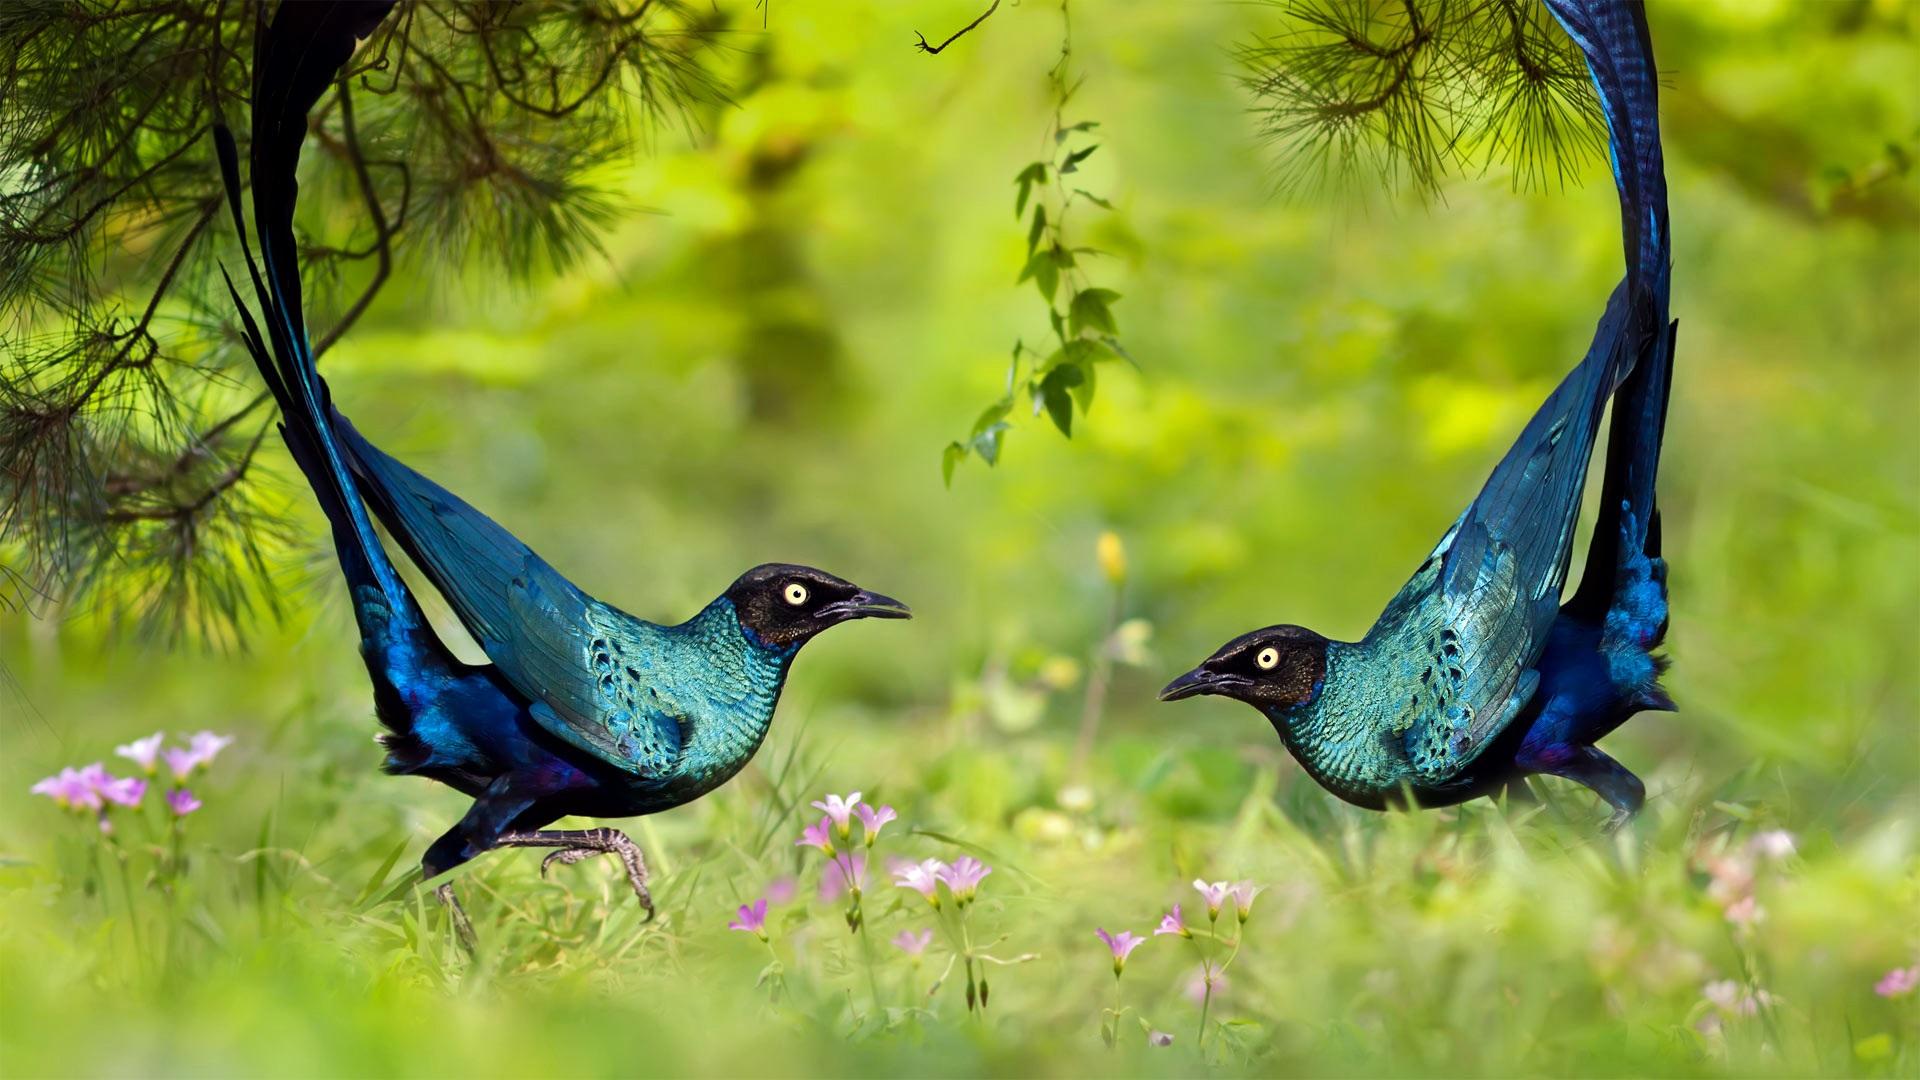 удар стихии райские птицы картинки на рабочий стол этом каждого